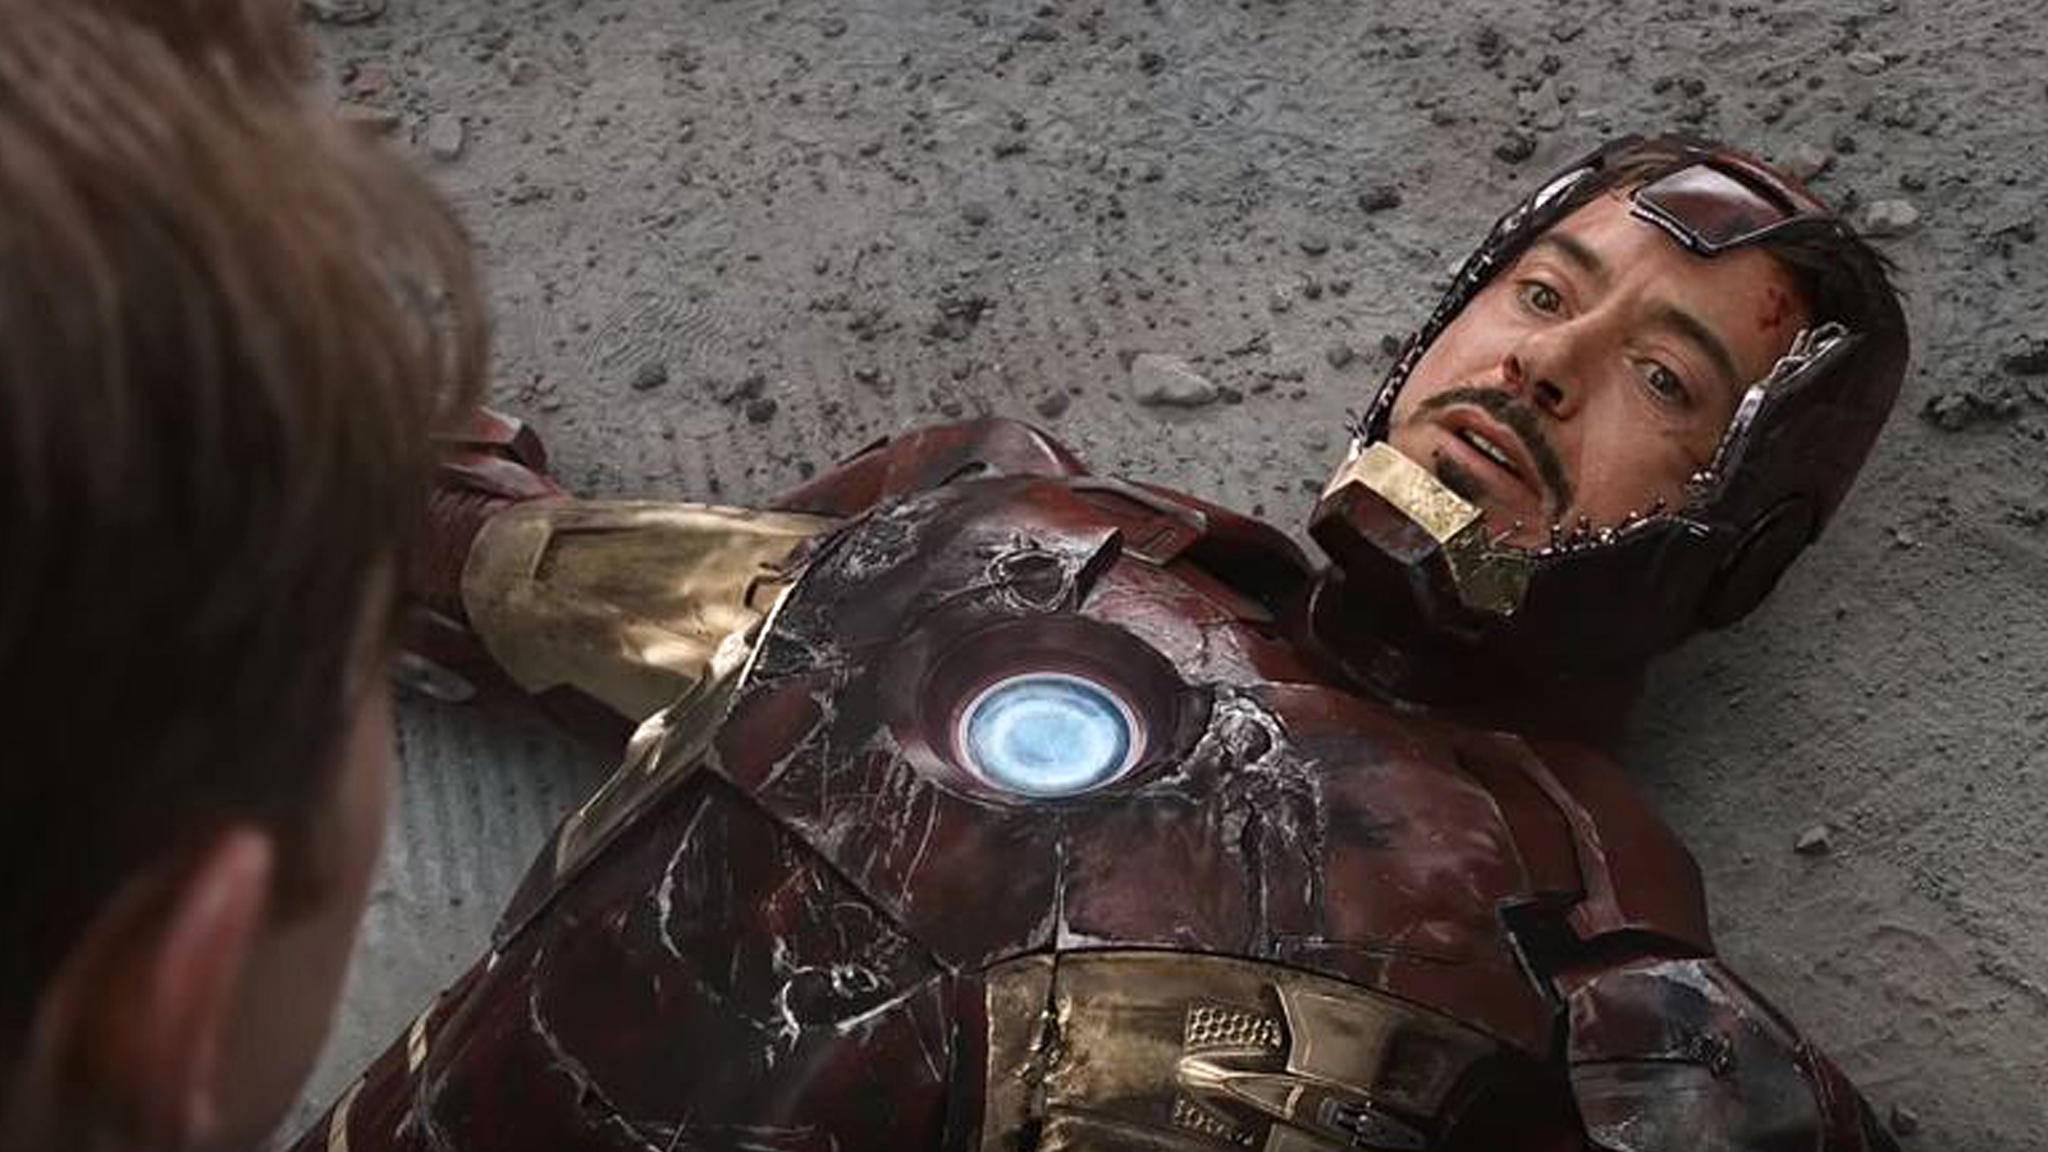 Schon wieder Weihnachten? Wer nicht so viel Geld auf dem Konto hat wie Tony Stark aka Iron Man, findet hier günstige und kreative Geschenkideen für Film- und Serienfans.